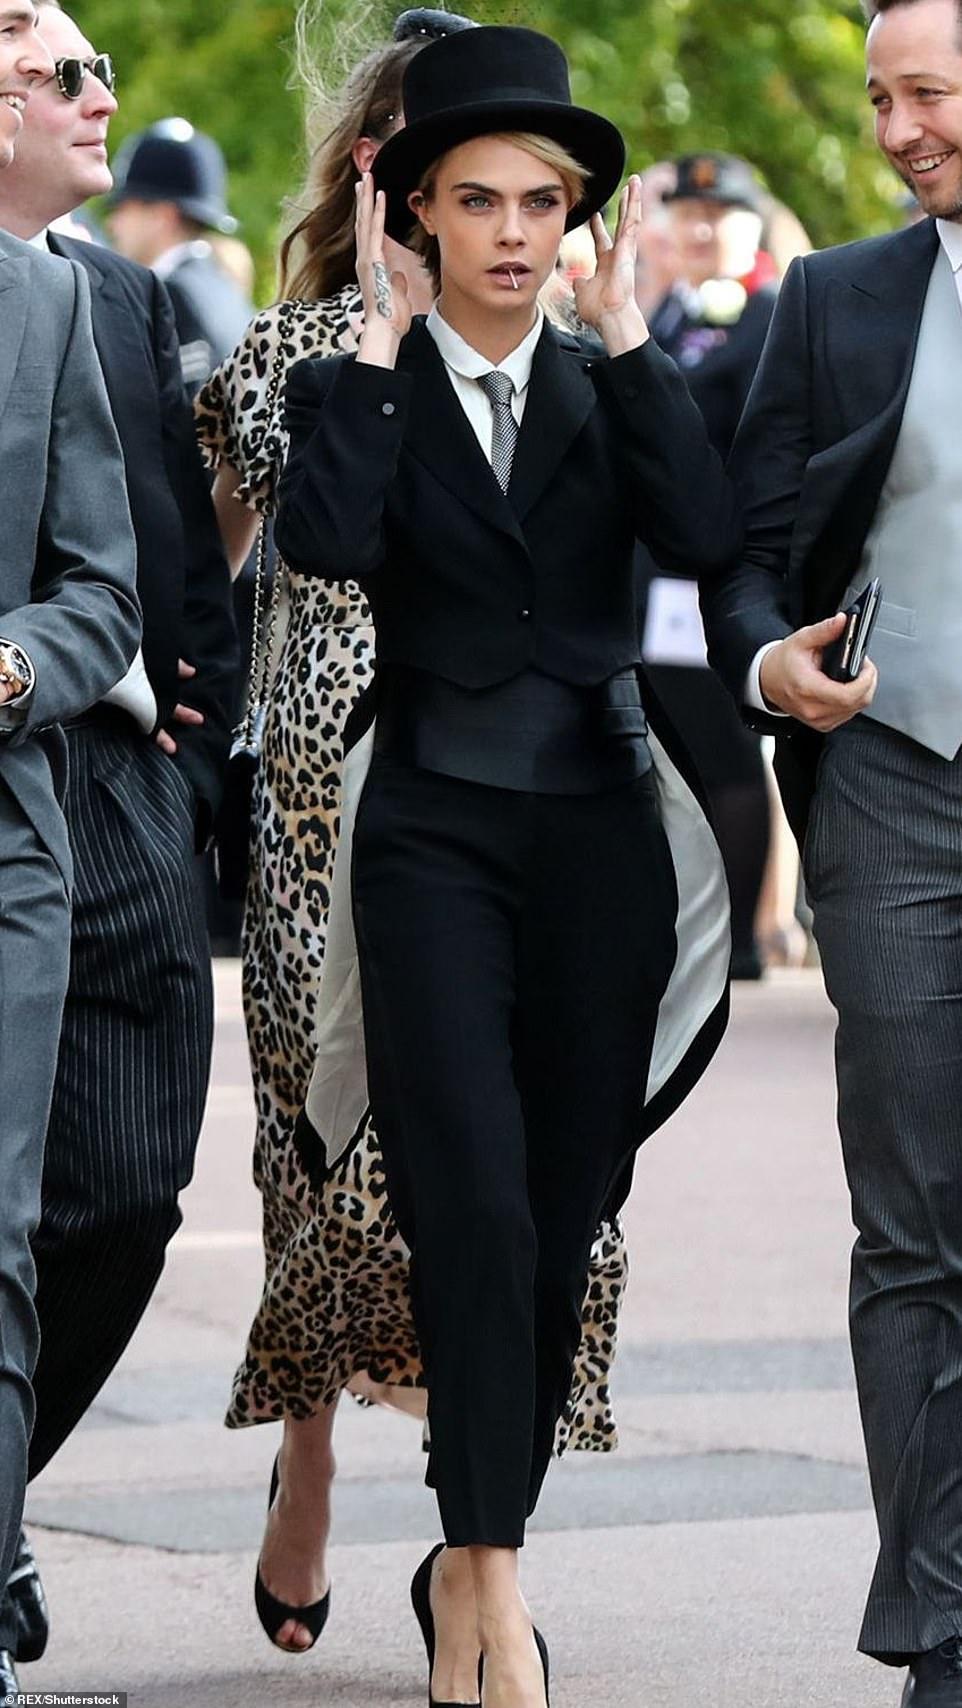 عارضة الأزياء كارا ديليفين